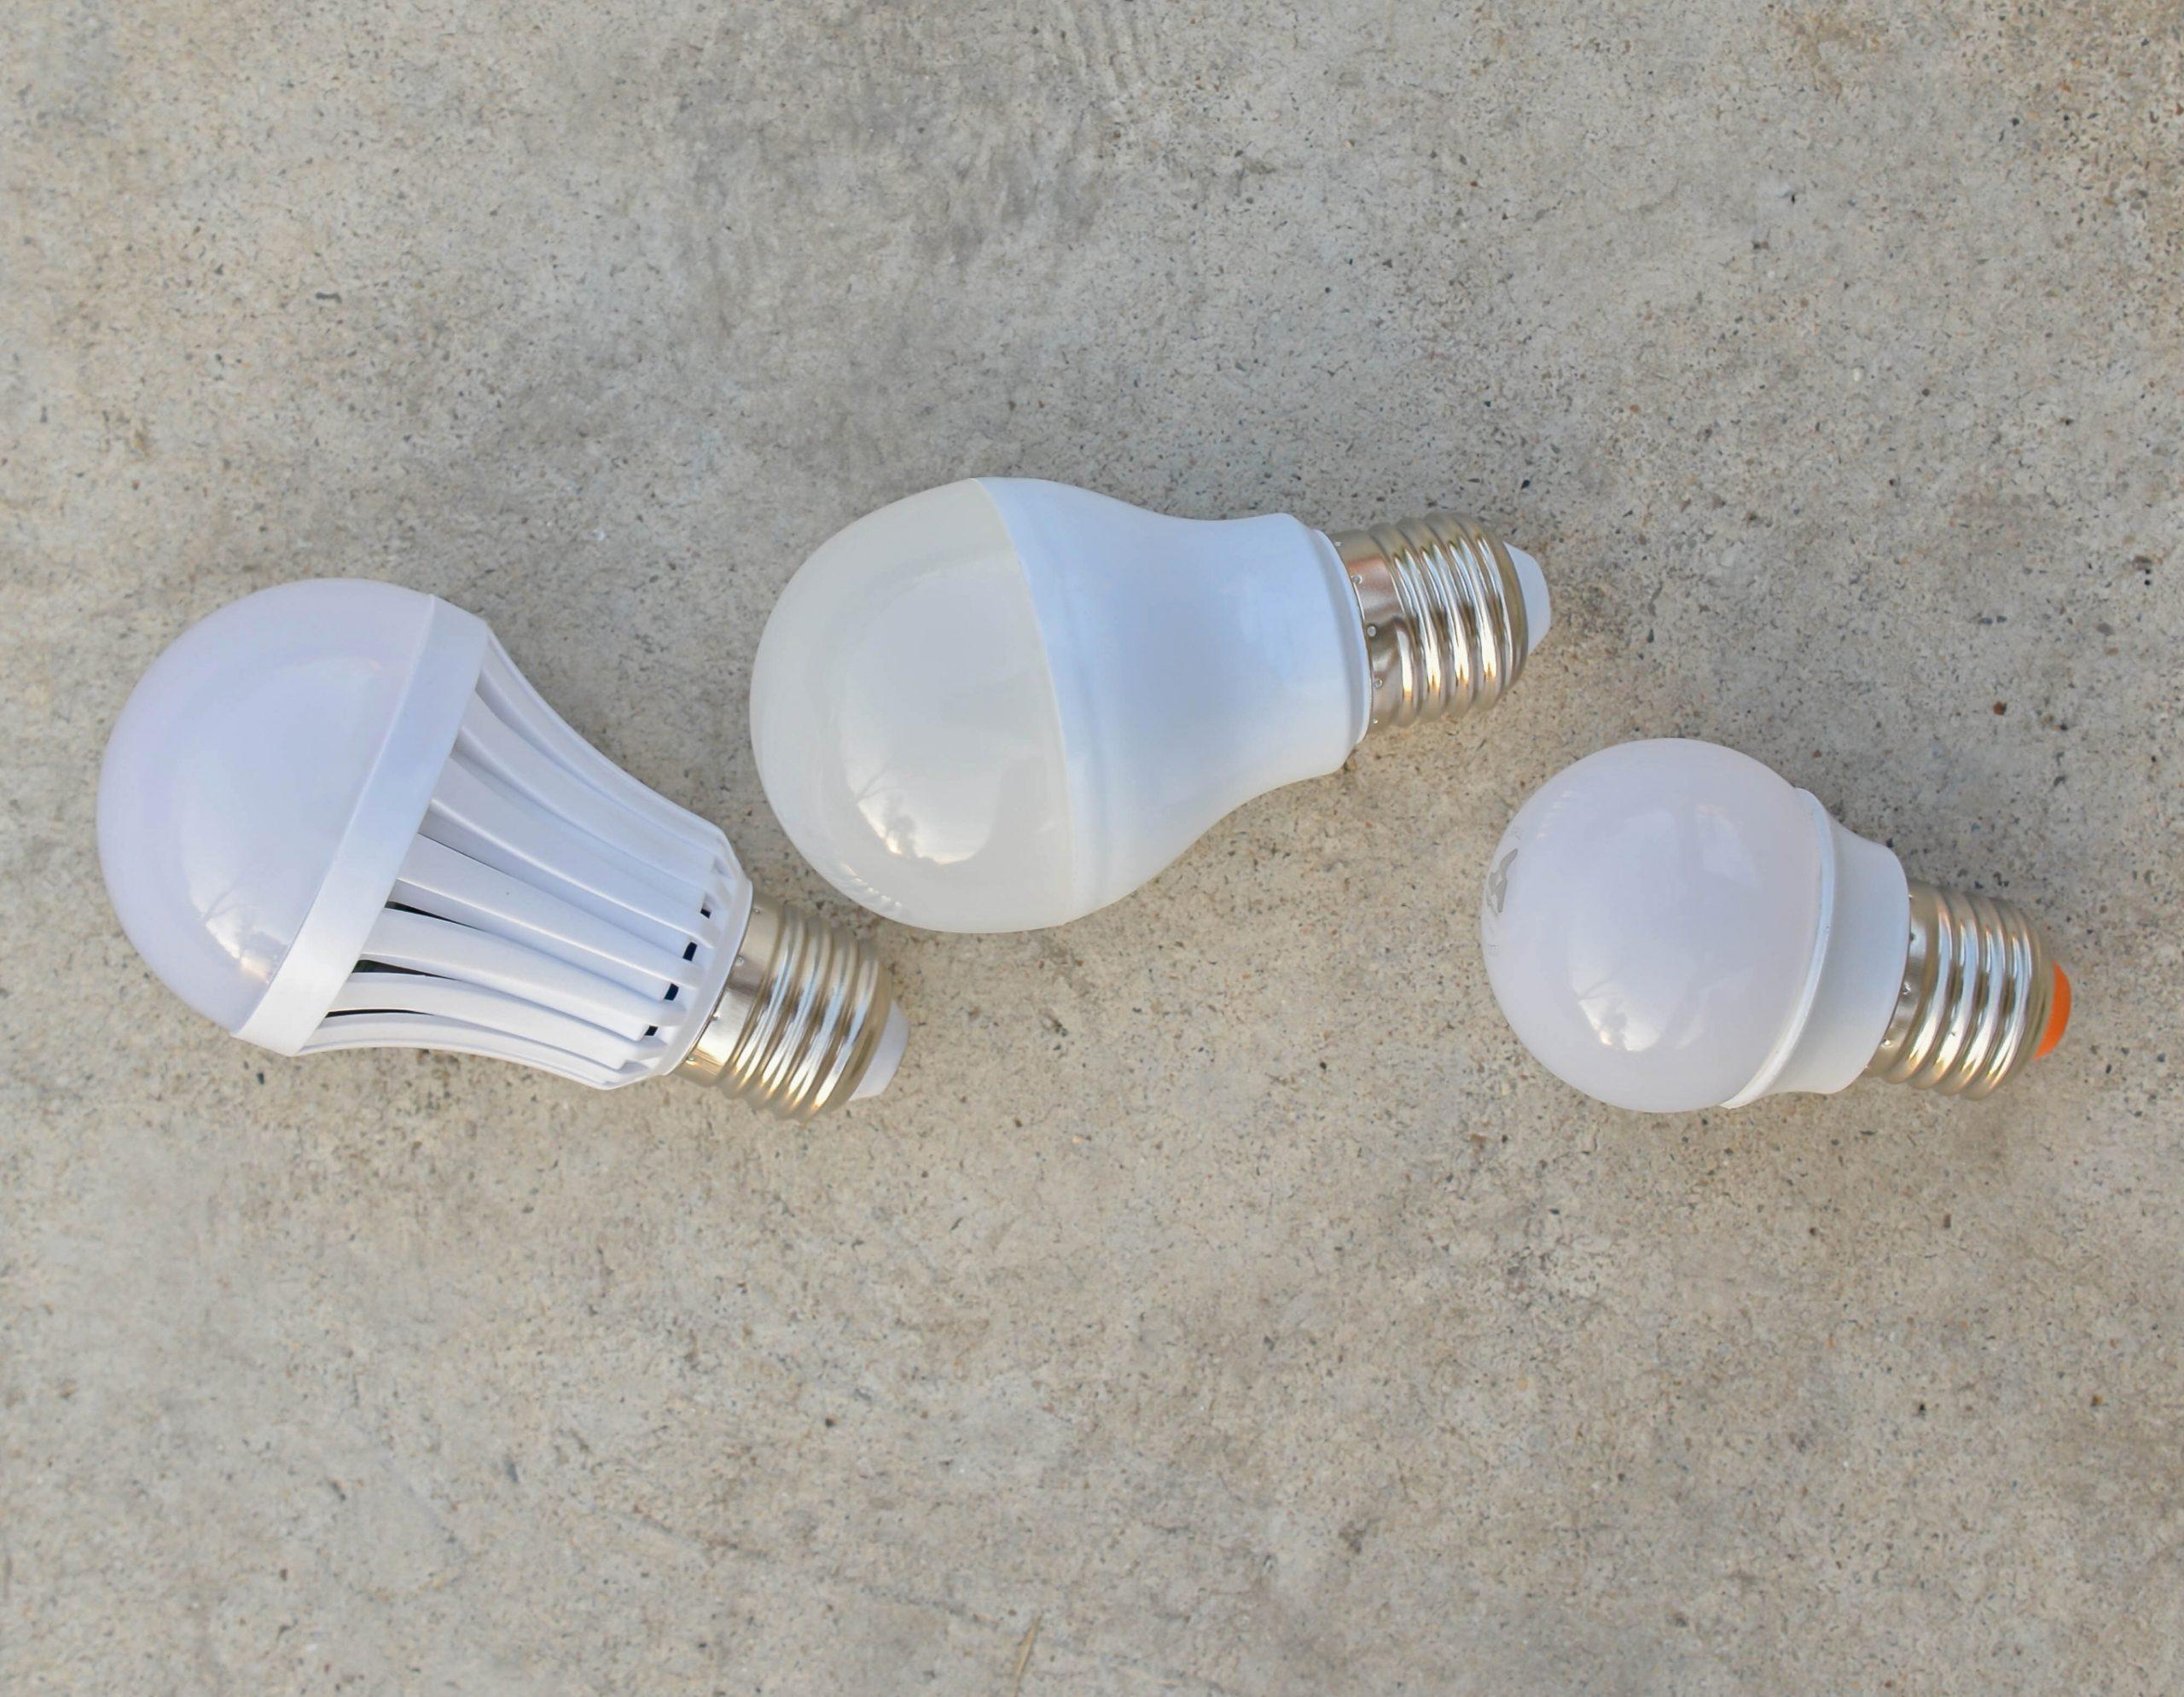 Migliori lampadine smart 2020: Guida all'acquisto